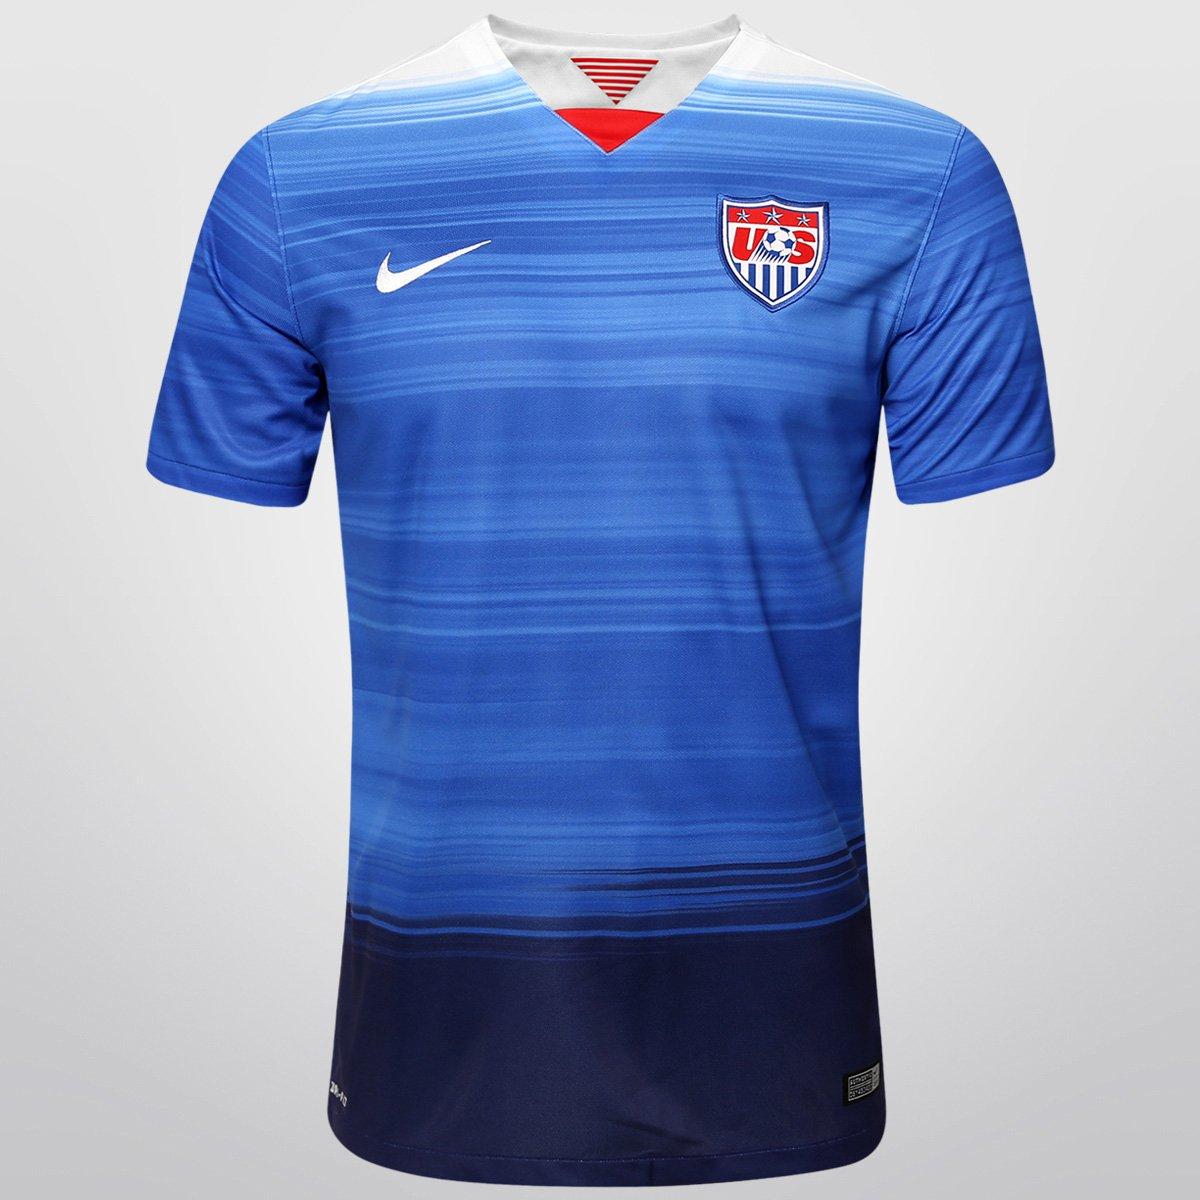 Camisa Seleção USA Away 15 16 s nº Torcedor Nike Masculina - Compre Agora  38daf5f14666d